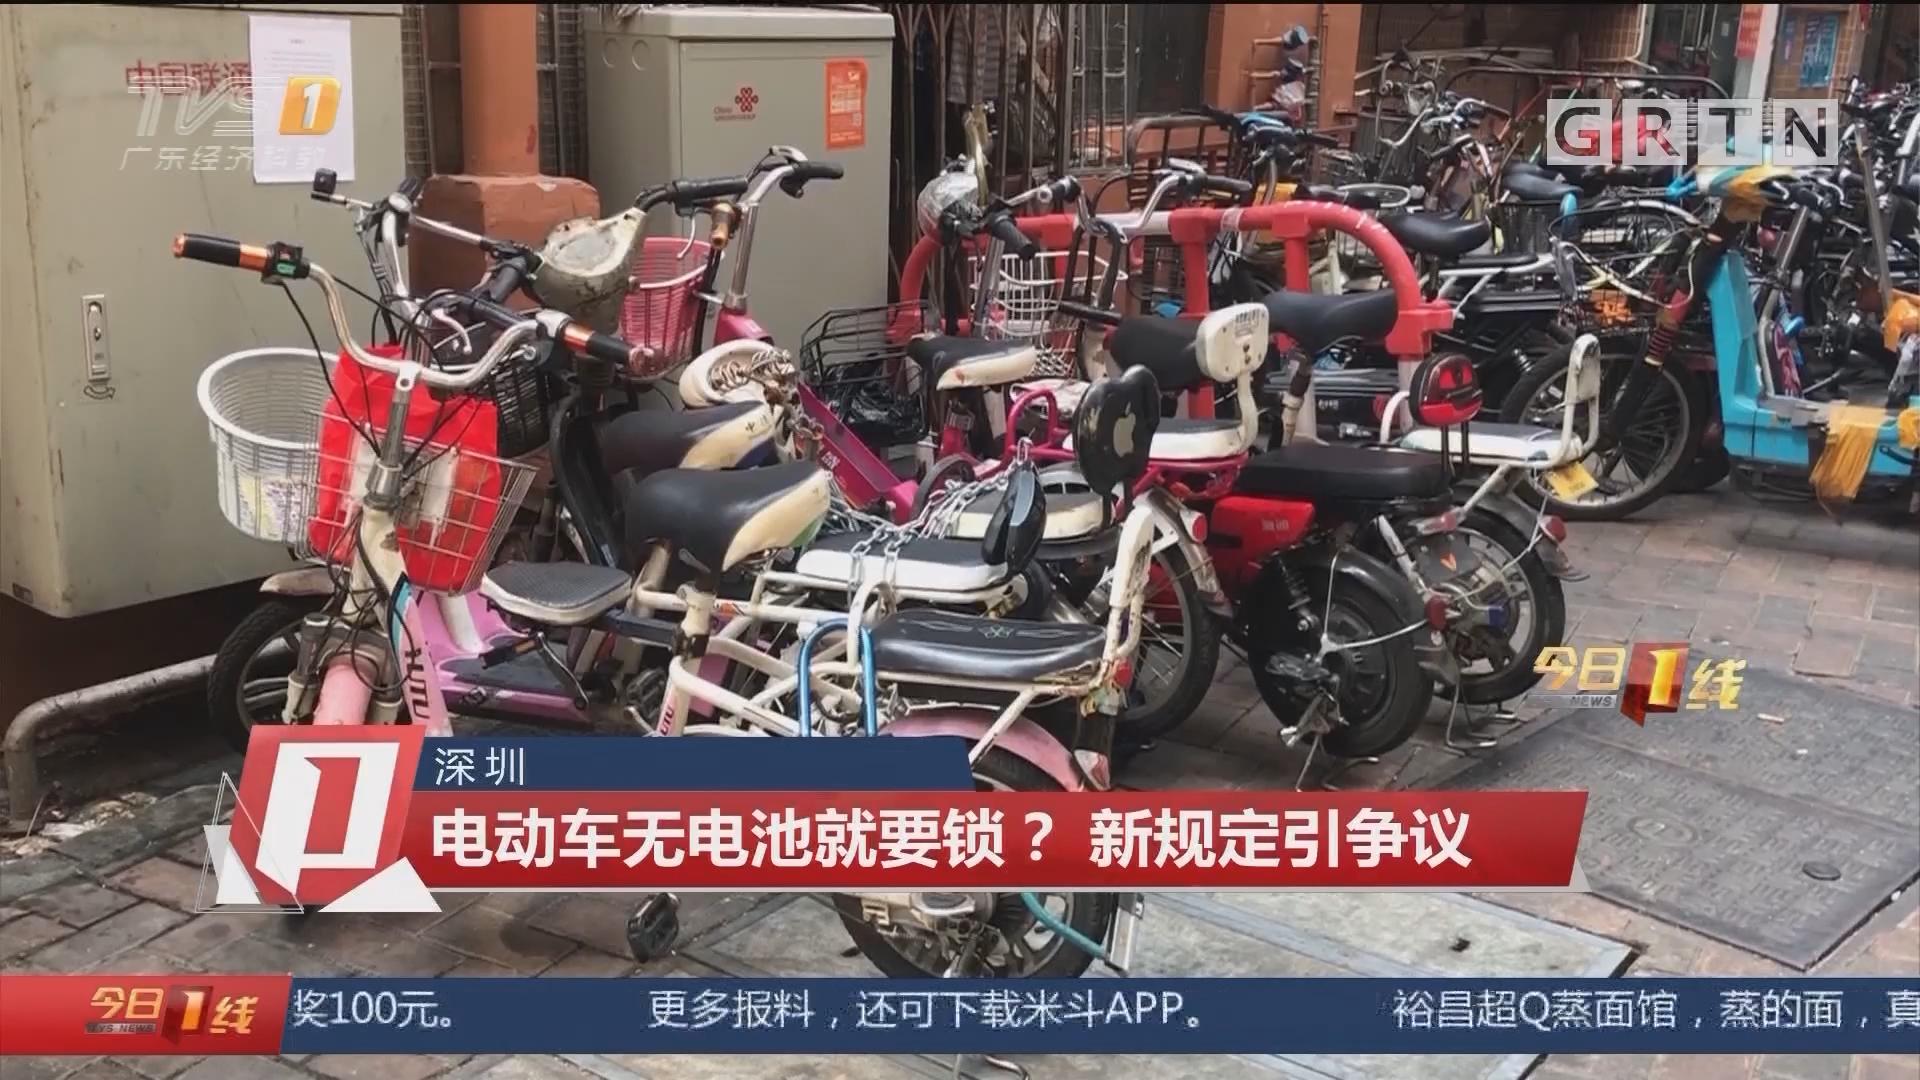 深圳:电动车无电池就要锁?新规定引争议